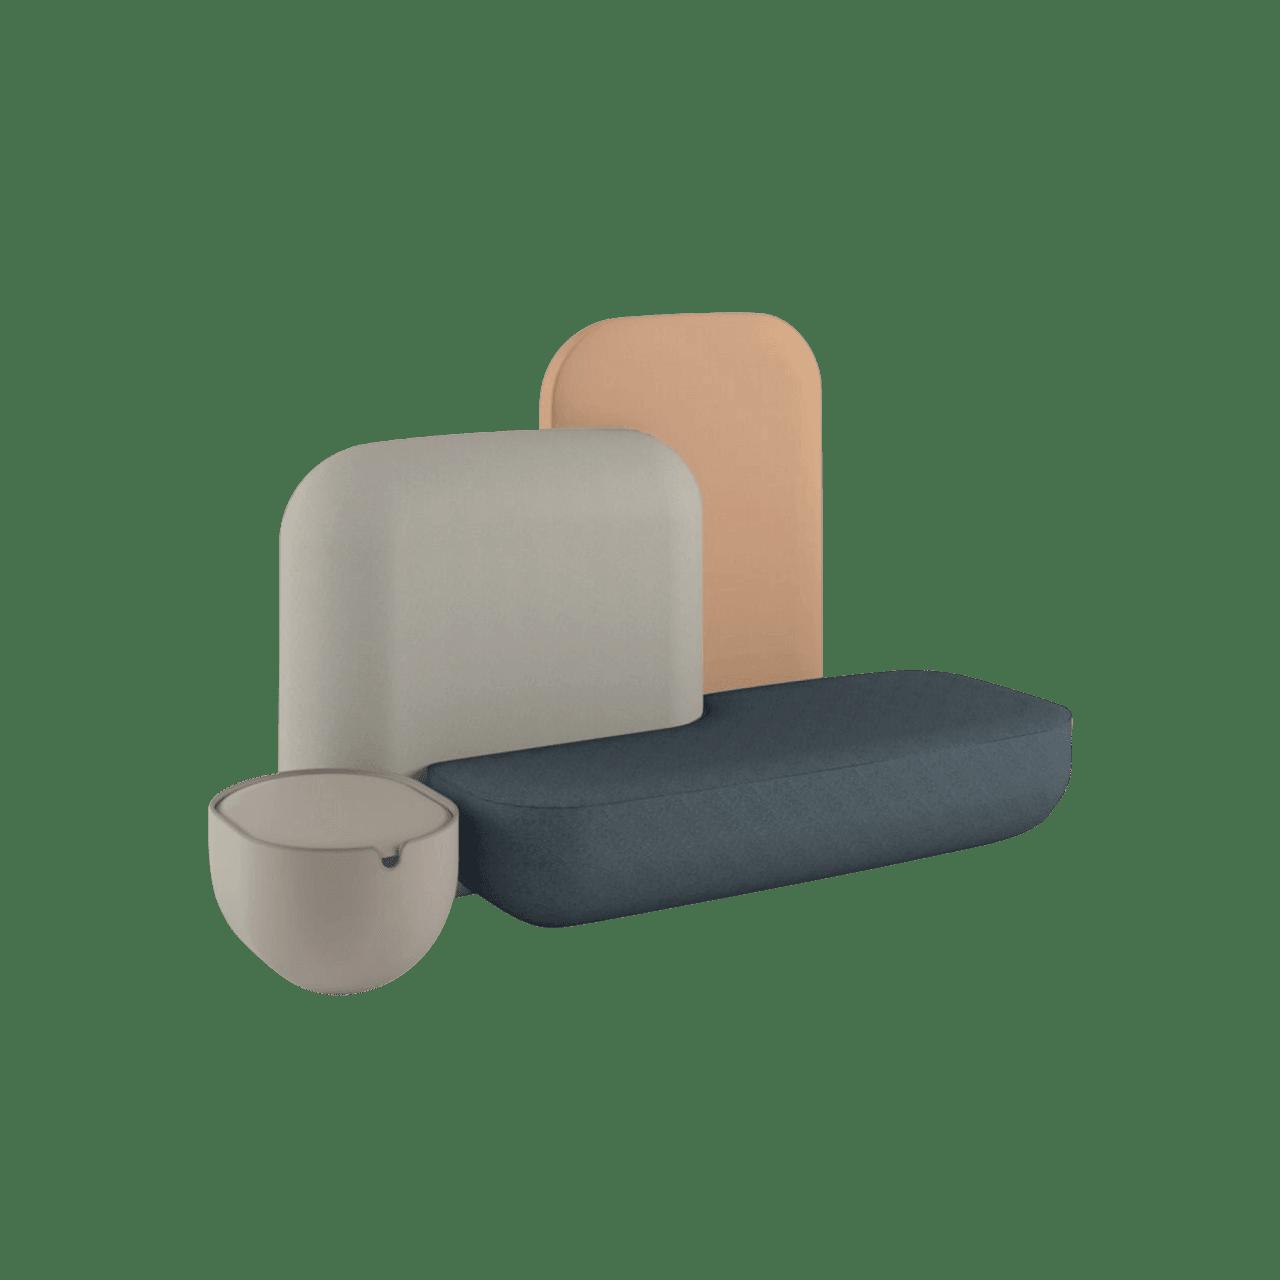 Okome Sitzsystem